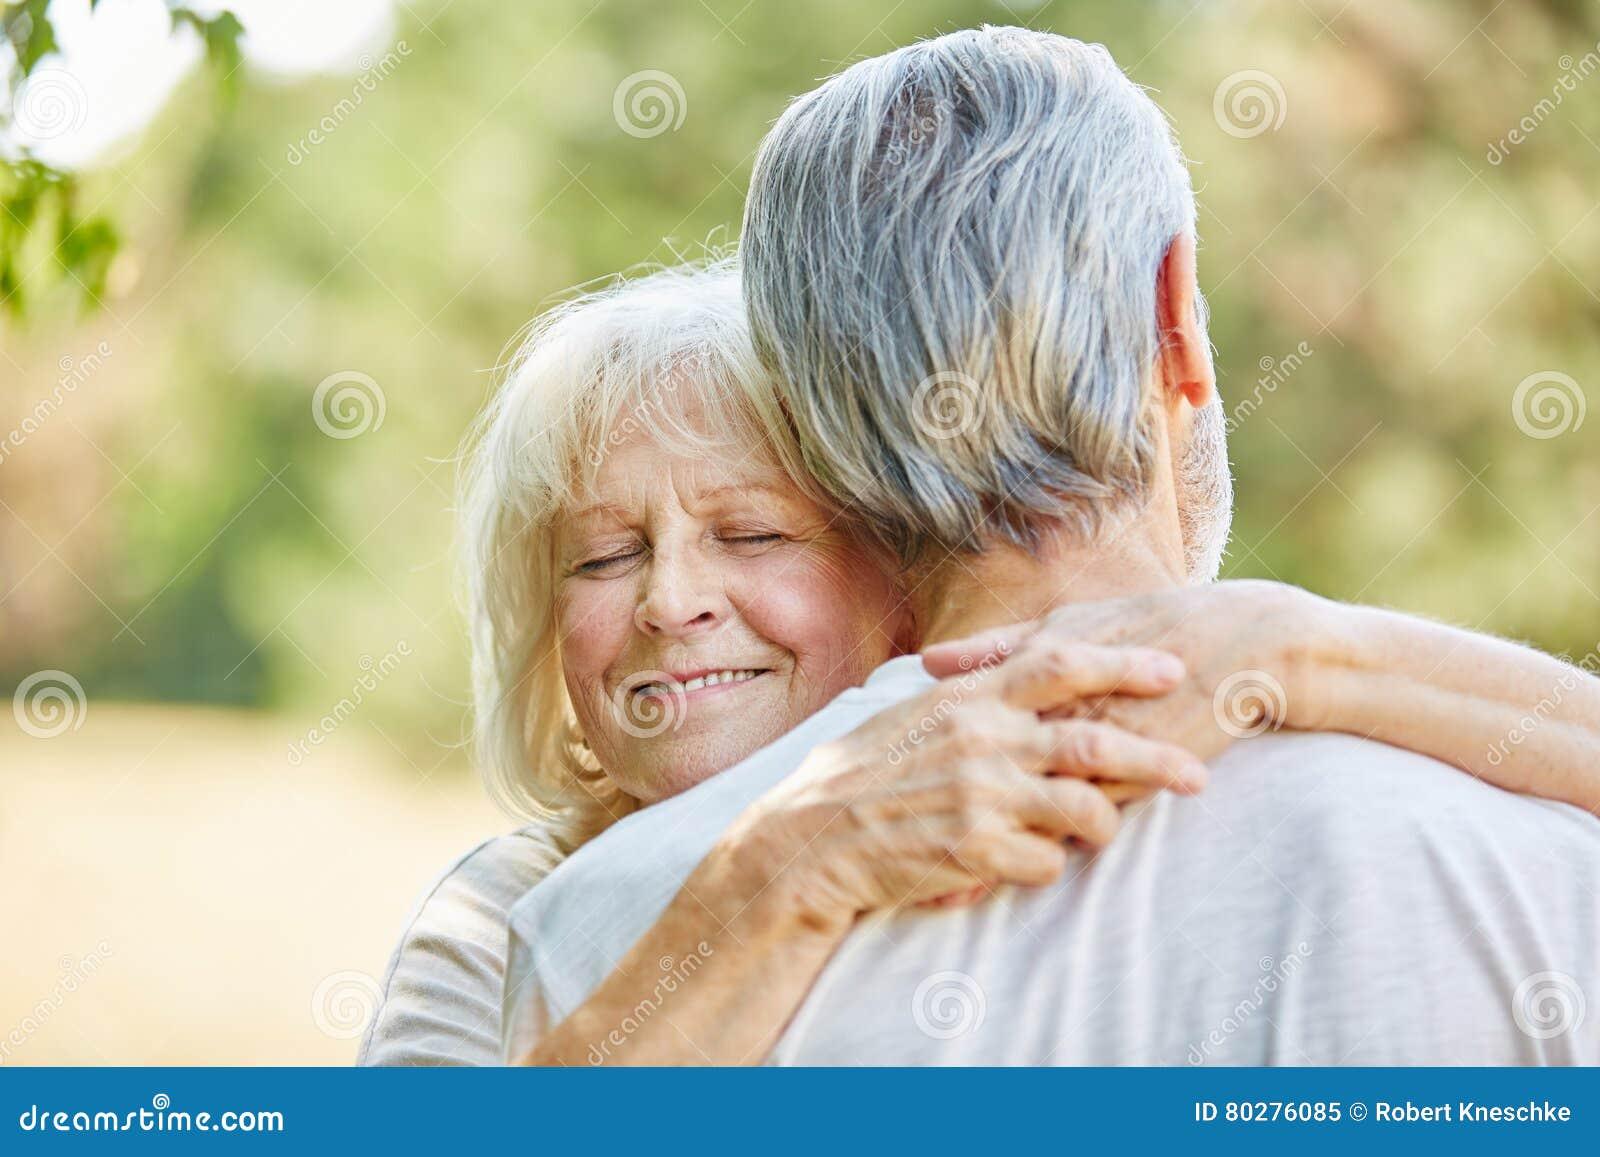 una direzione datazione signora anziana POF sito di incontri non funziona